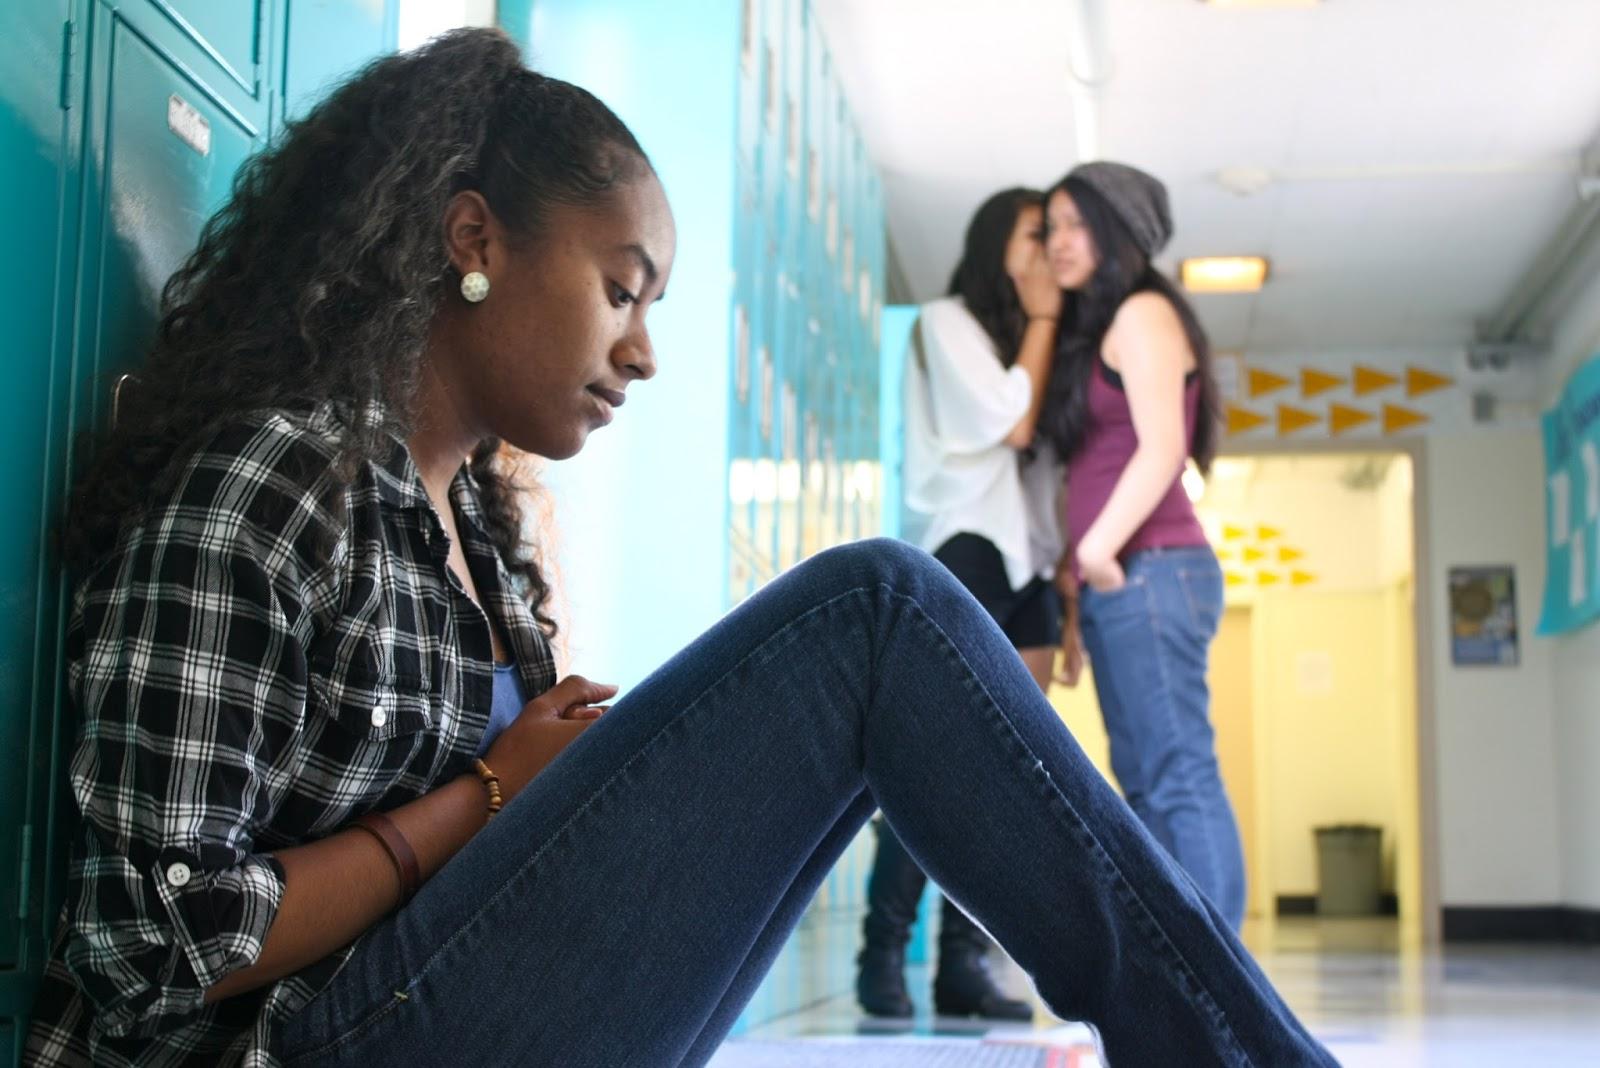 El bullying el bachillerato y la falta de informaci n - El bulin de horcajuelo ...